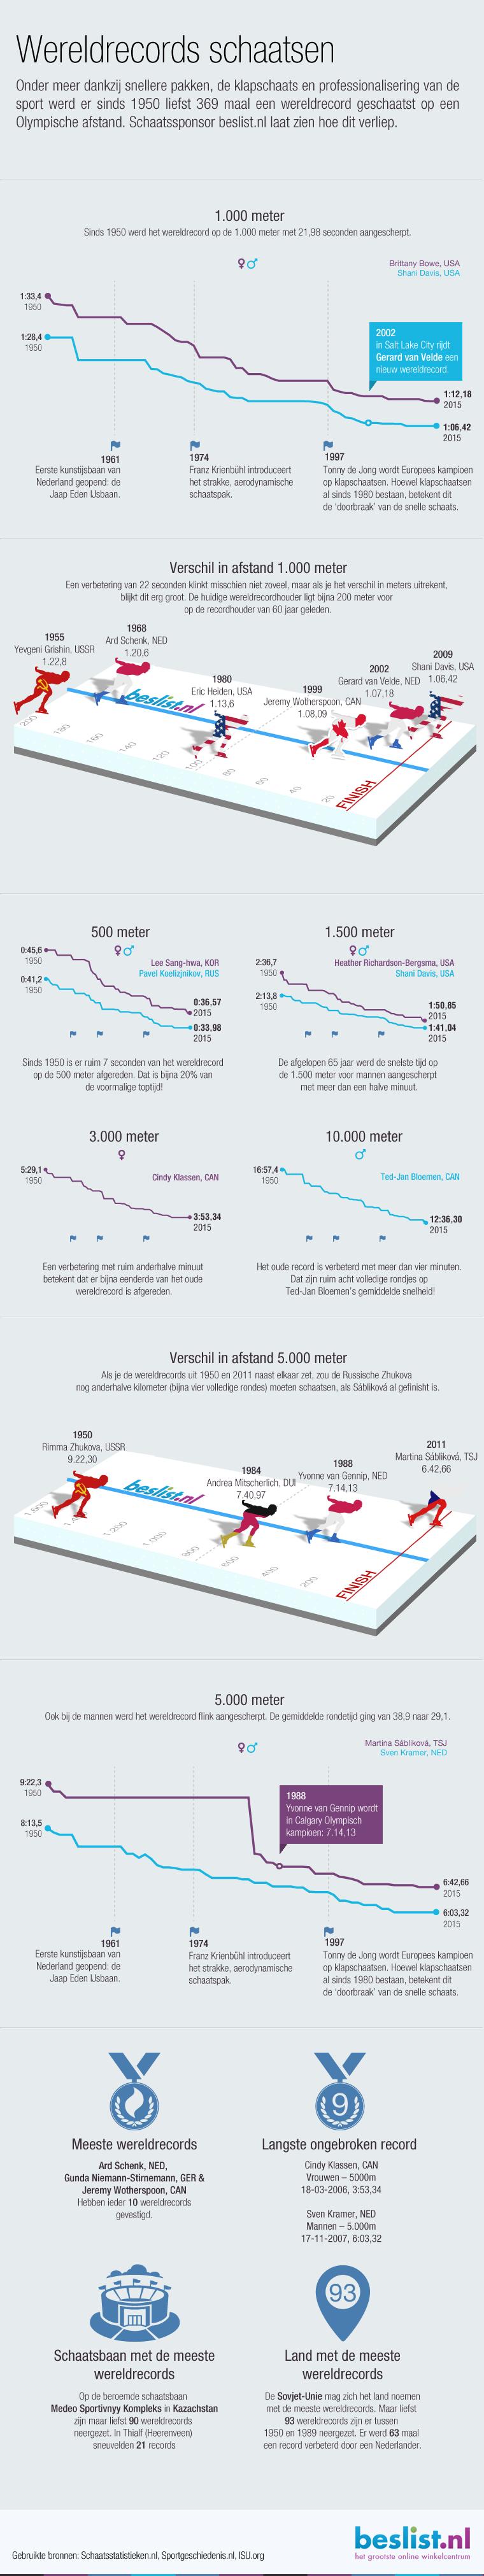 Infographic: Wereldrecords schaatsen